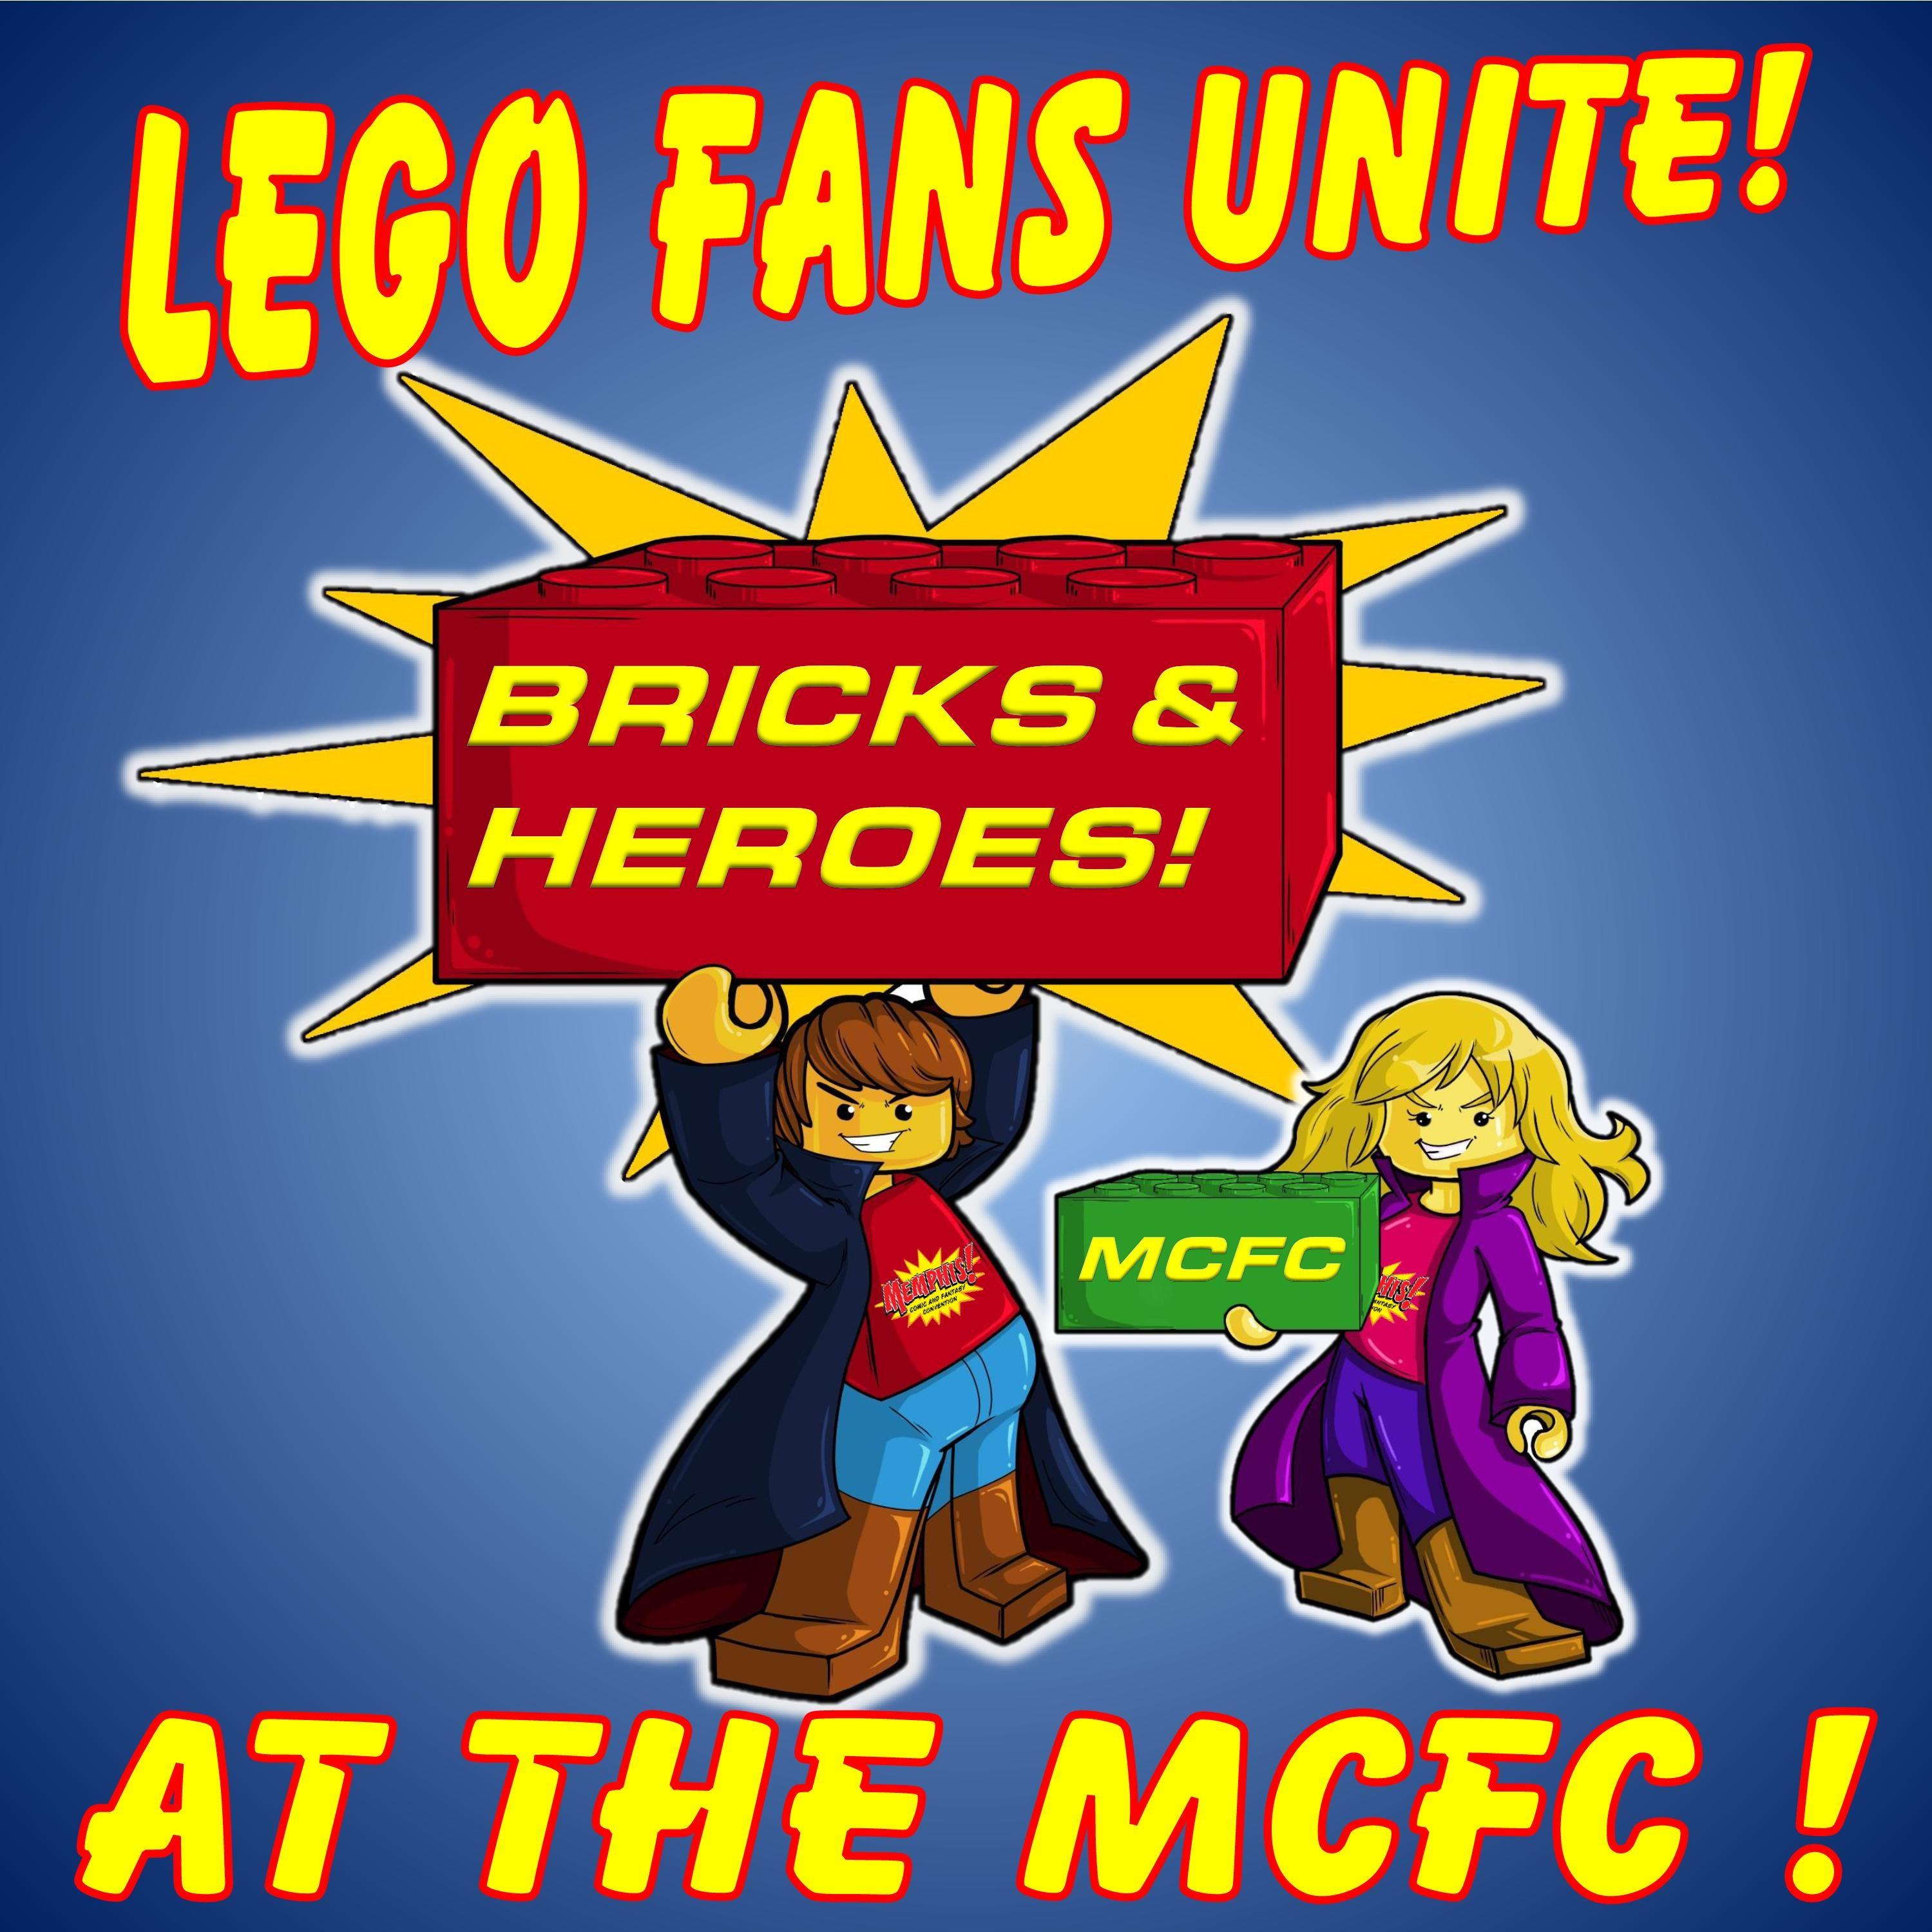 Bricks & Heroes 8x8_0001